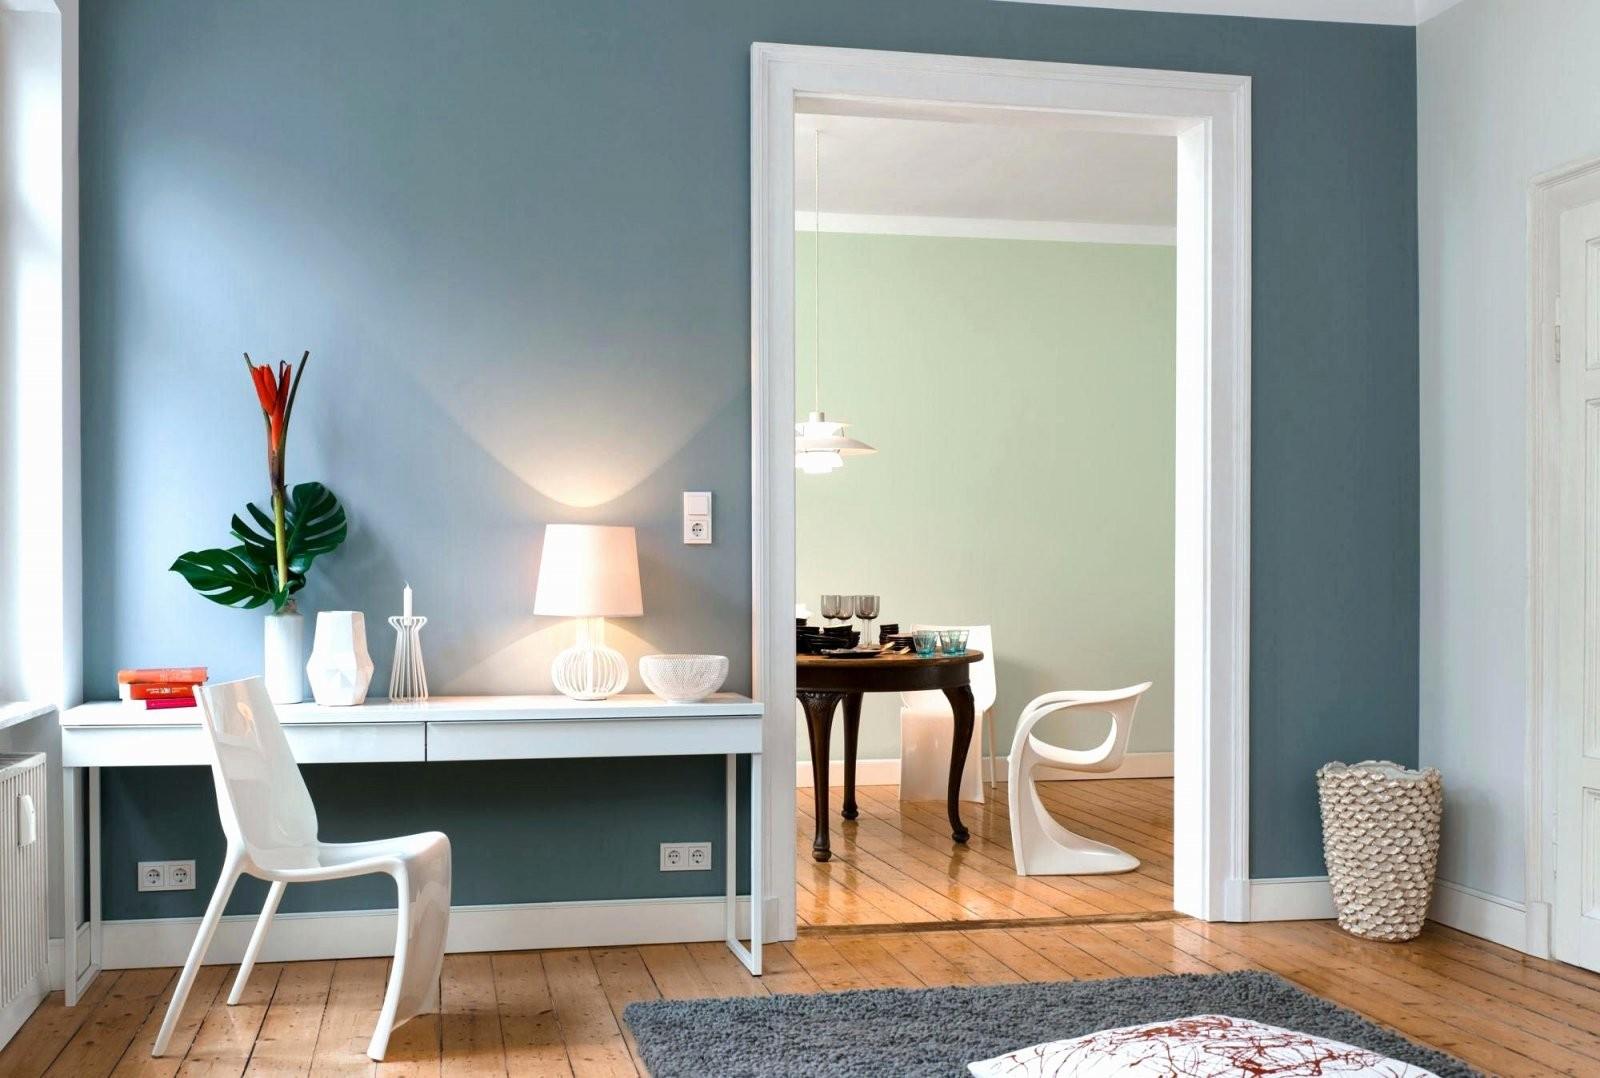 Wohnzimmer Wnde Streichen  Limoobile von Wände Farbig Gestalten Ideen Bild